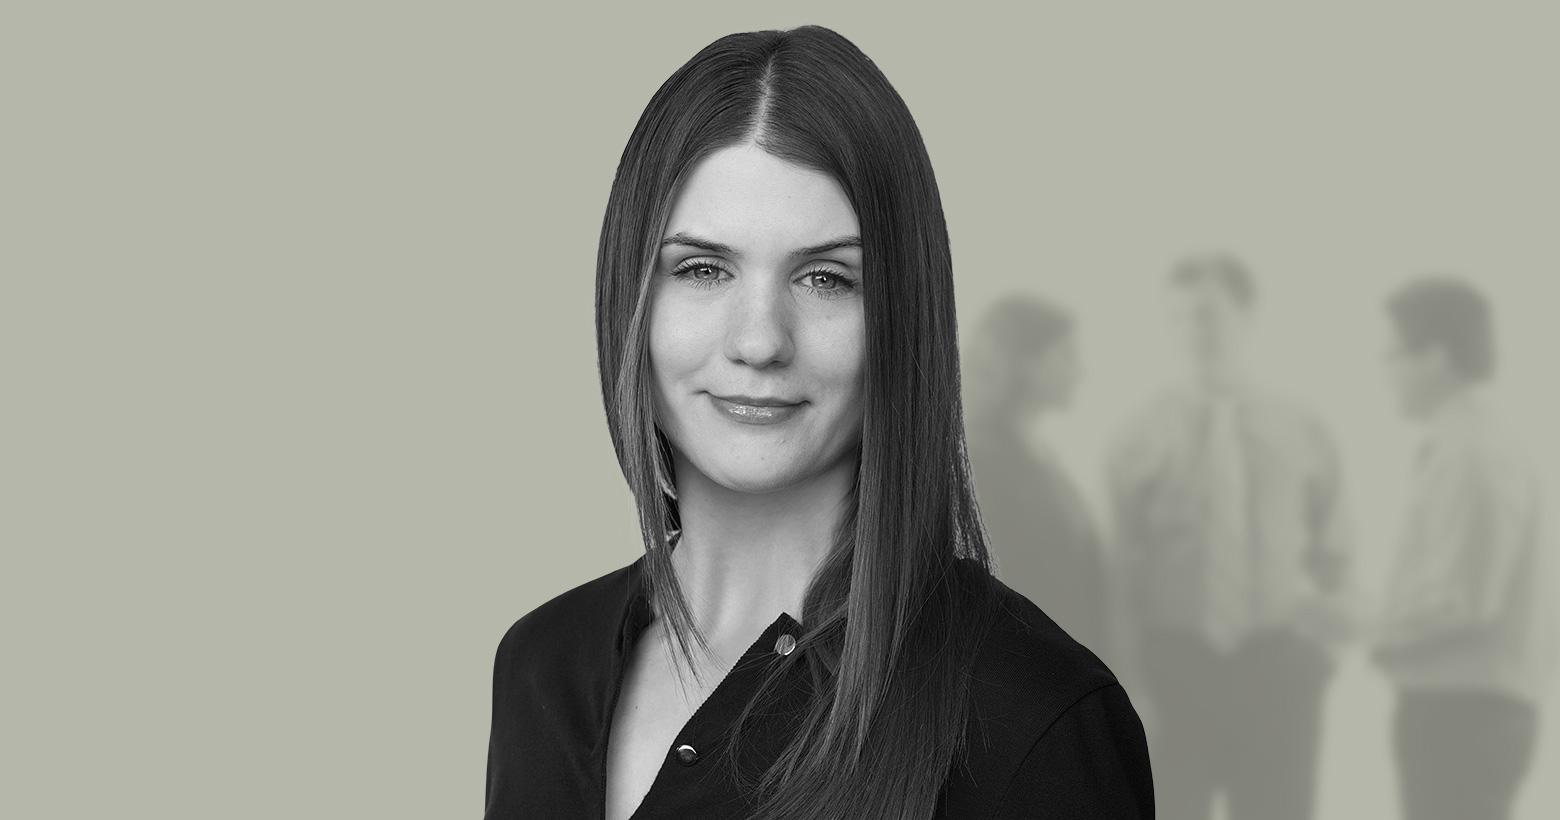 Anna K. Bellingham